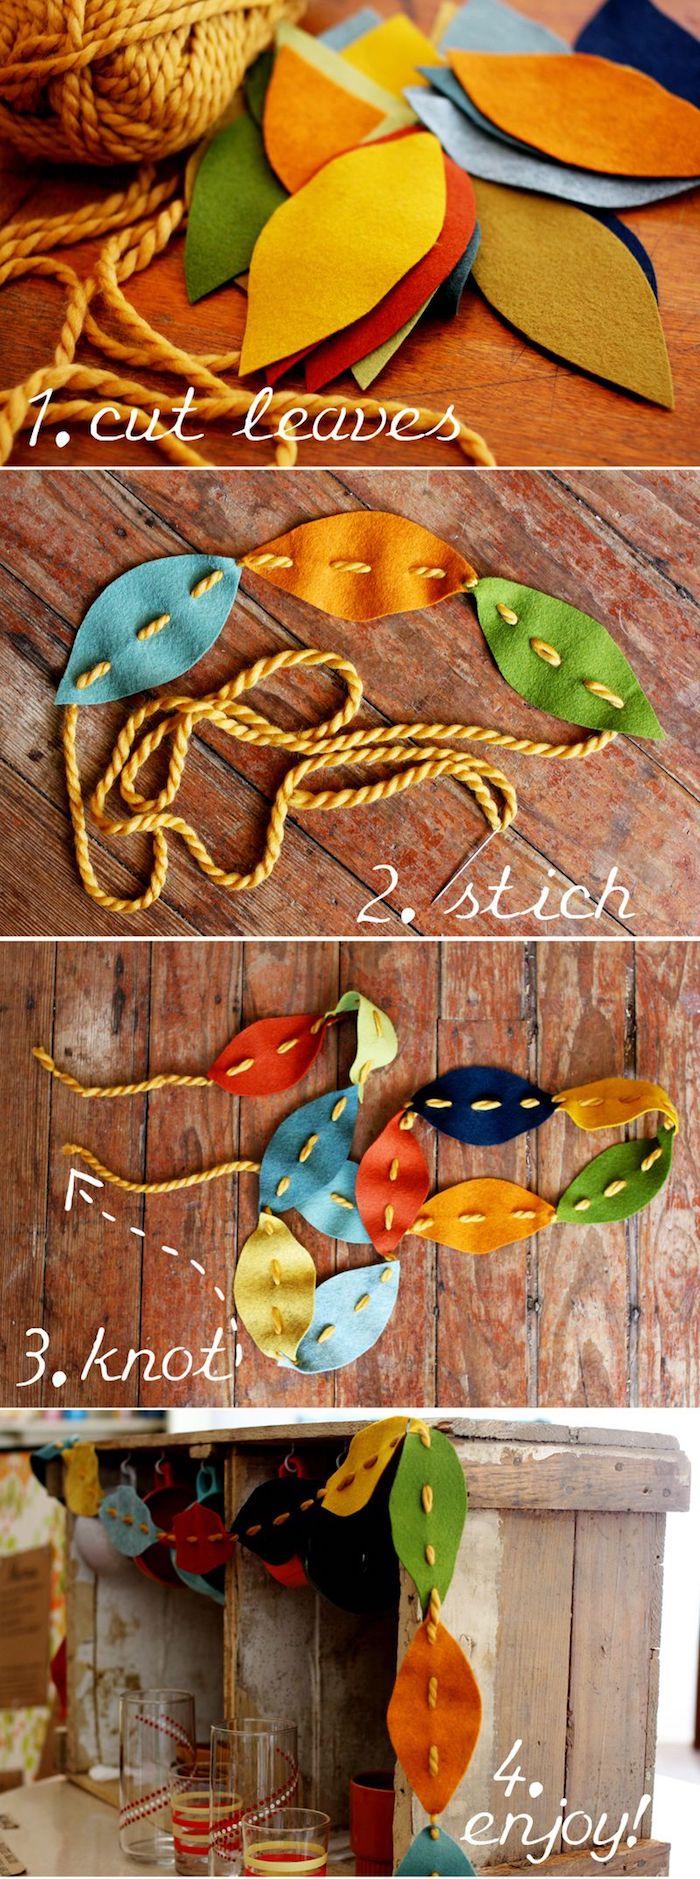 comment faire une guirlande en fil de laine et feuilles en feutrine colorées sur une cagette de bois brut